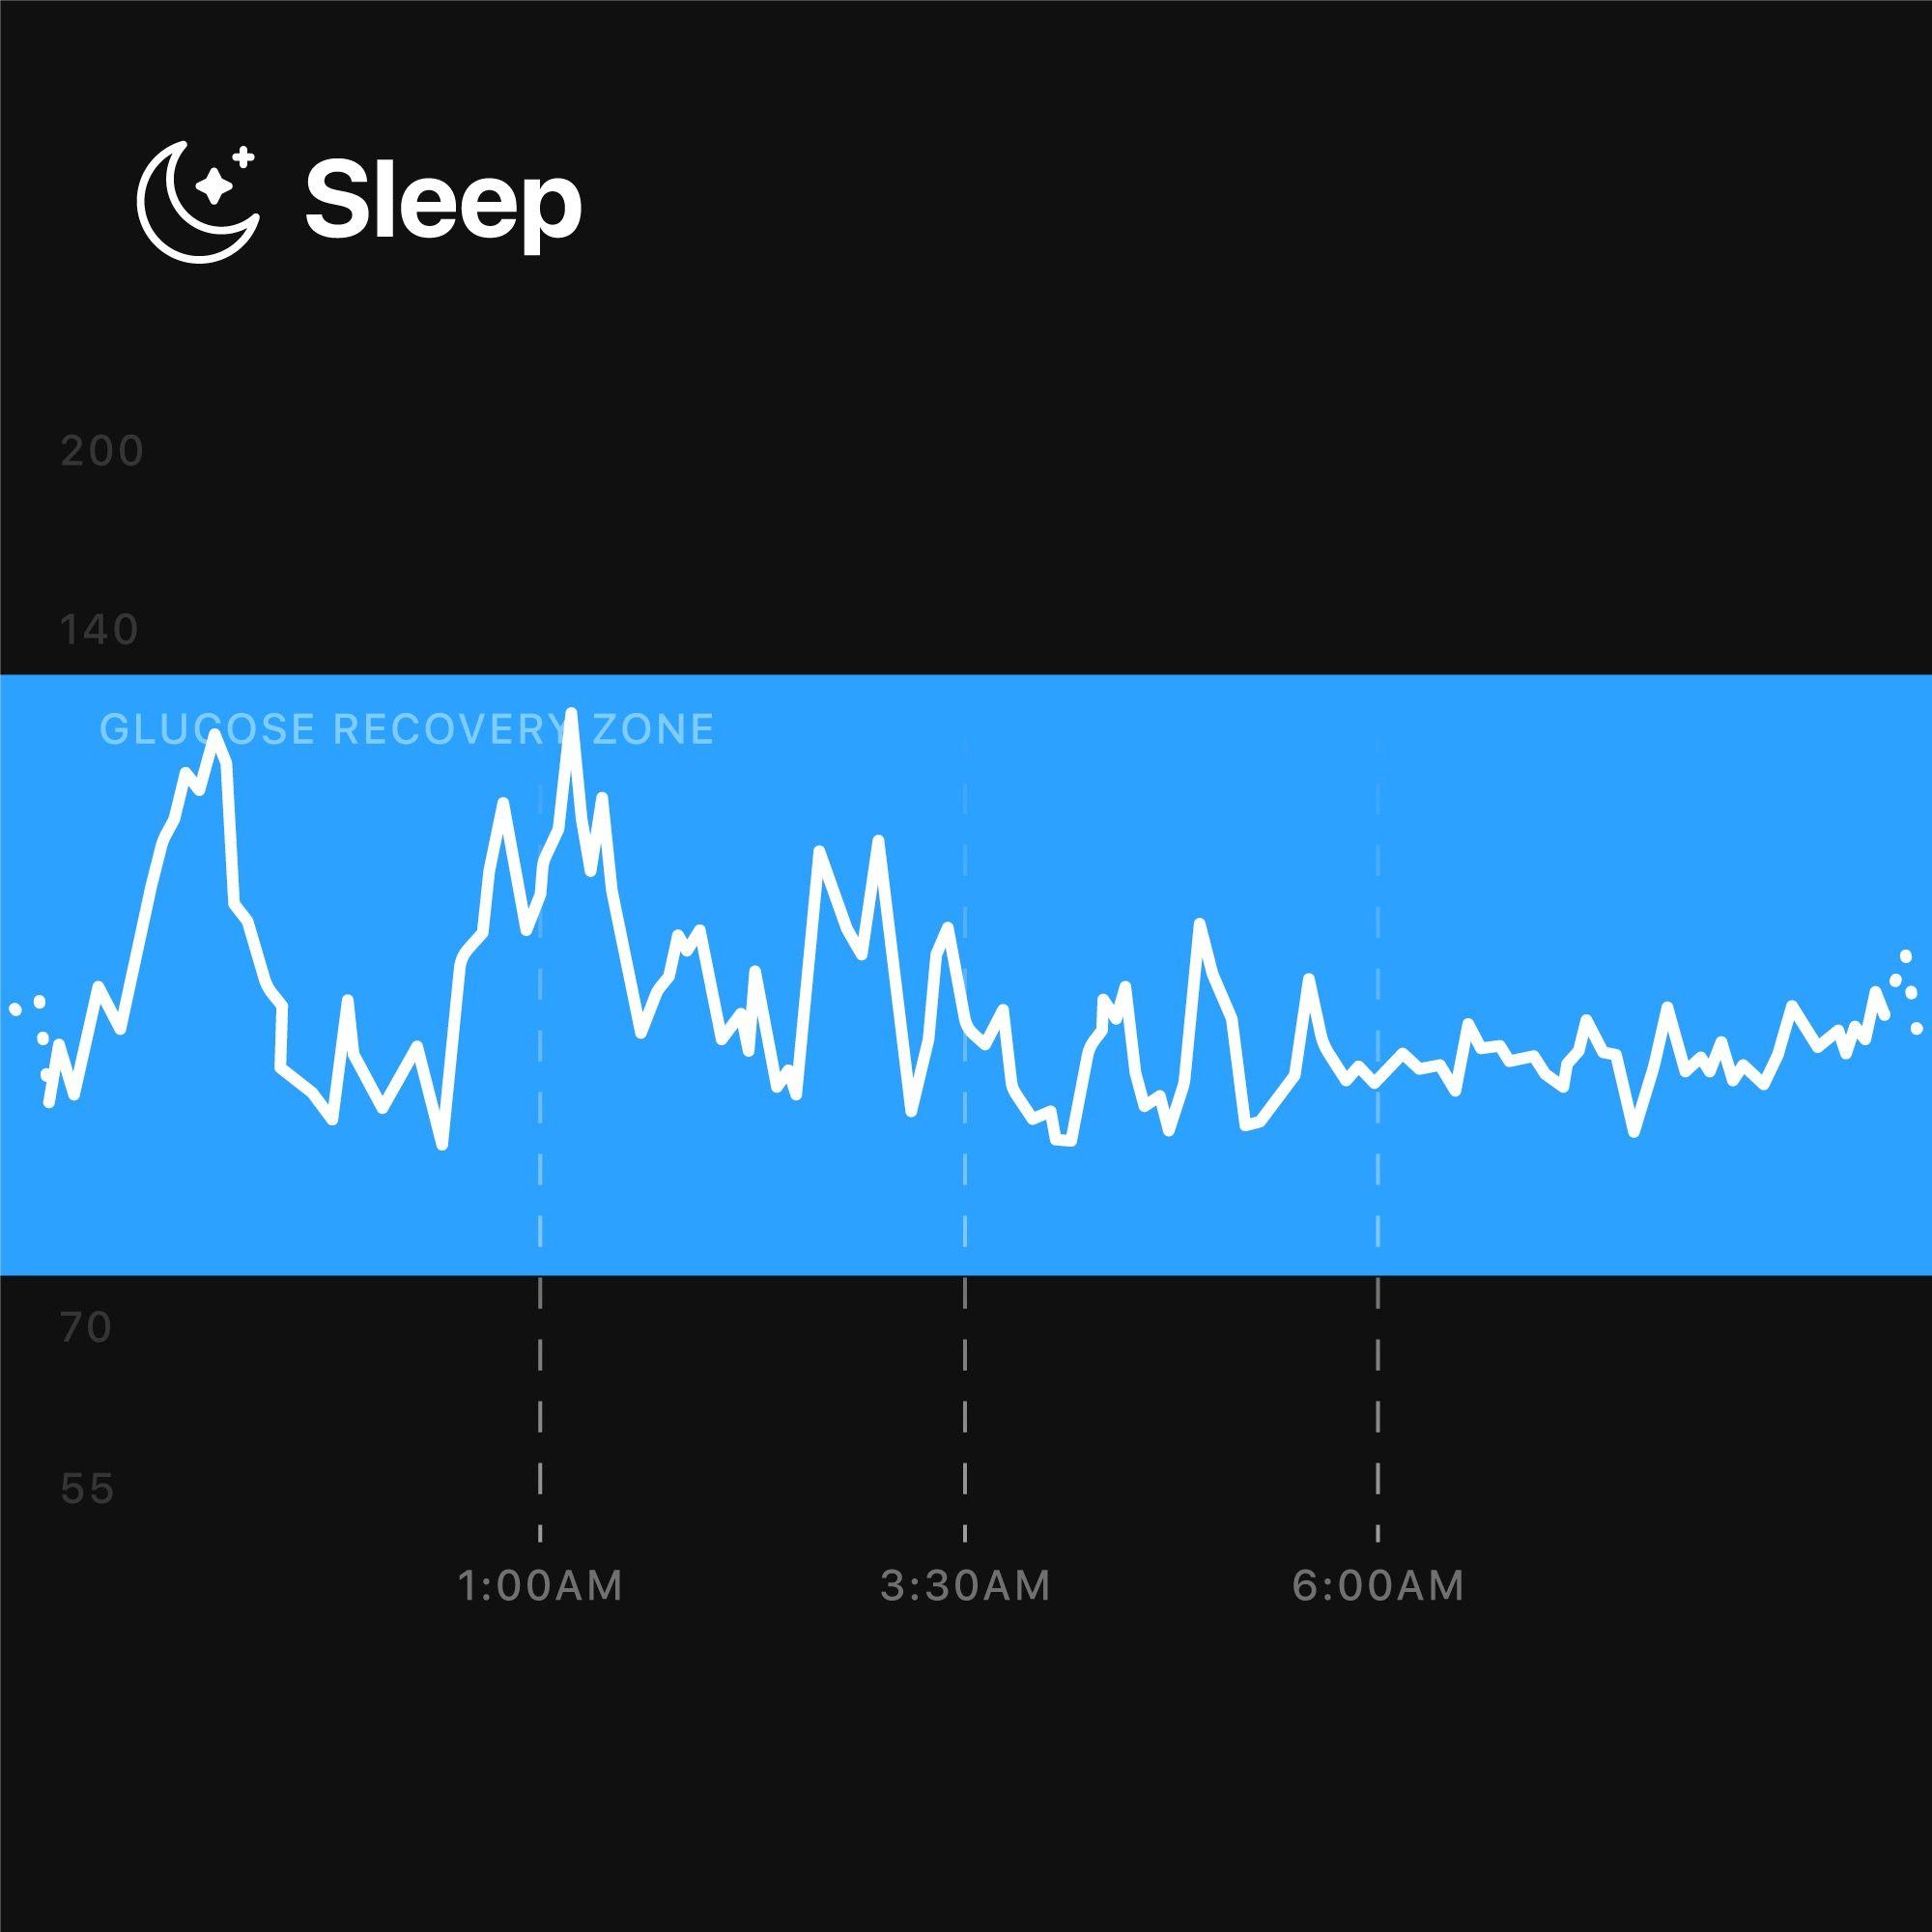 Glucose_Levels_During_Sleep